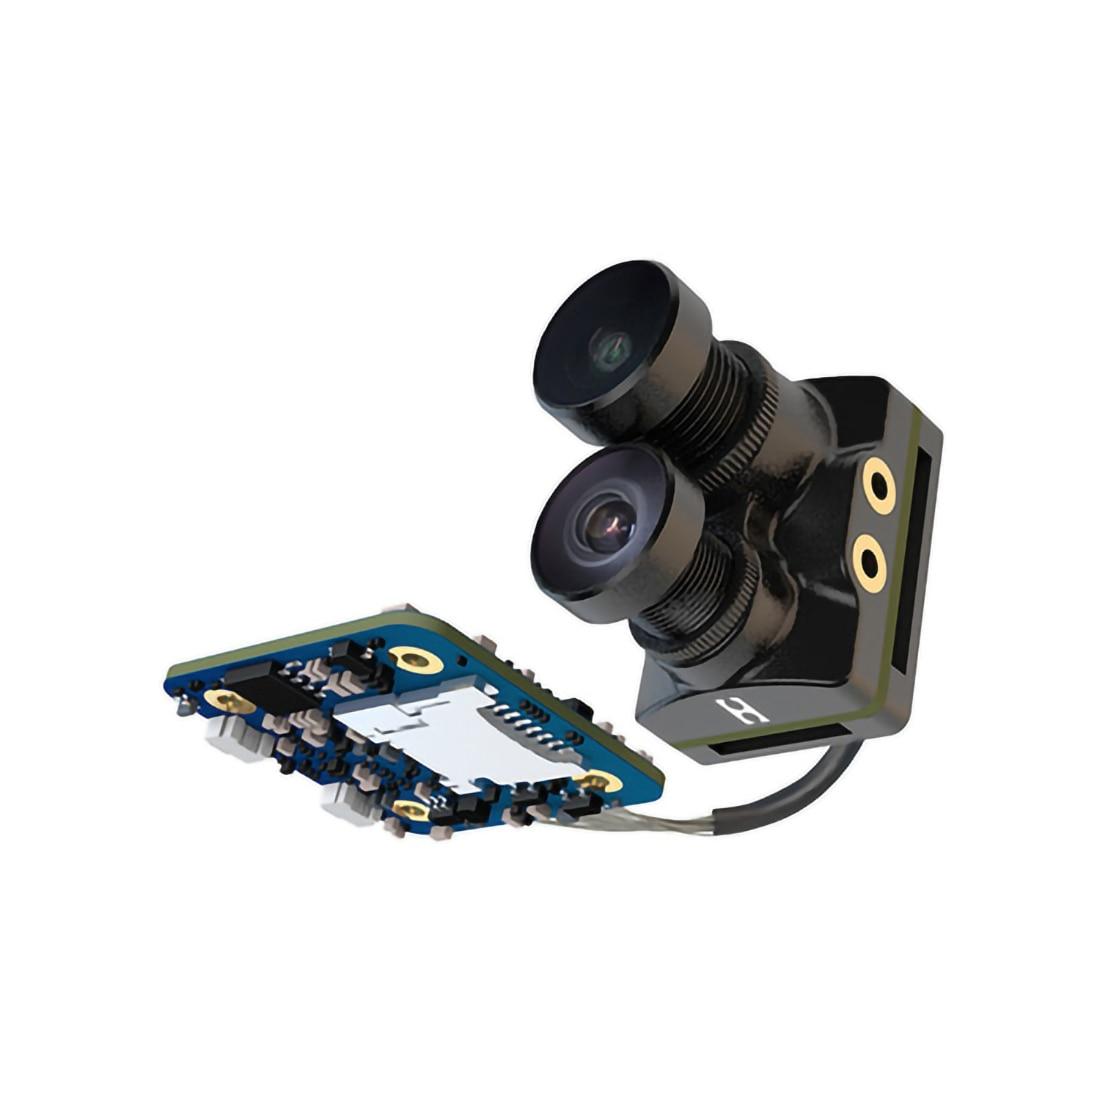 RunCam Hybrid 4K 30fps FOV 145 градусов HD Запись DVR двойной объектив Мини FPV камера Низкая задержка Одиночная плата для FPV гоночного дрона|Детали и аксессуары|   | АлиЭкспресс